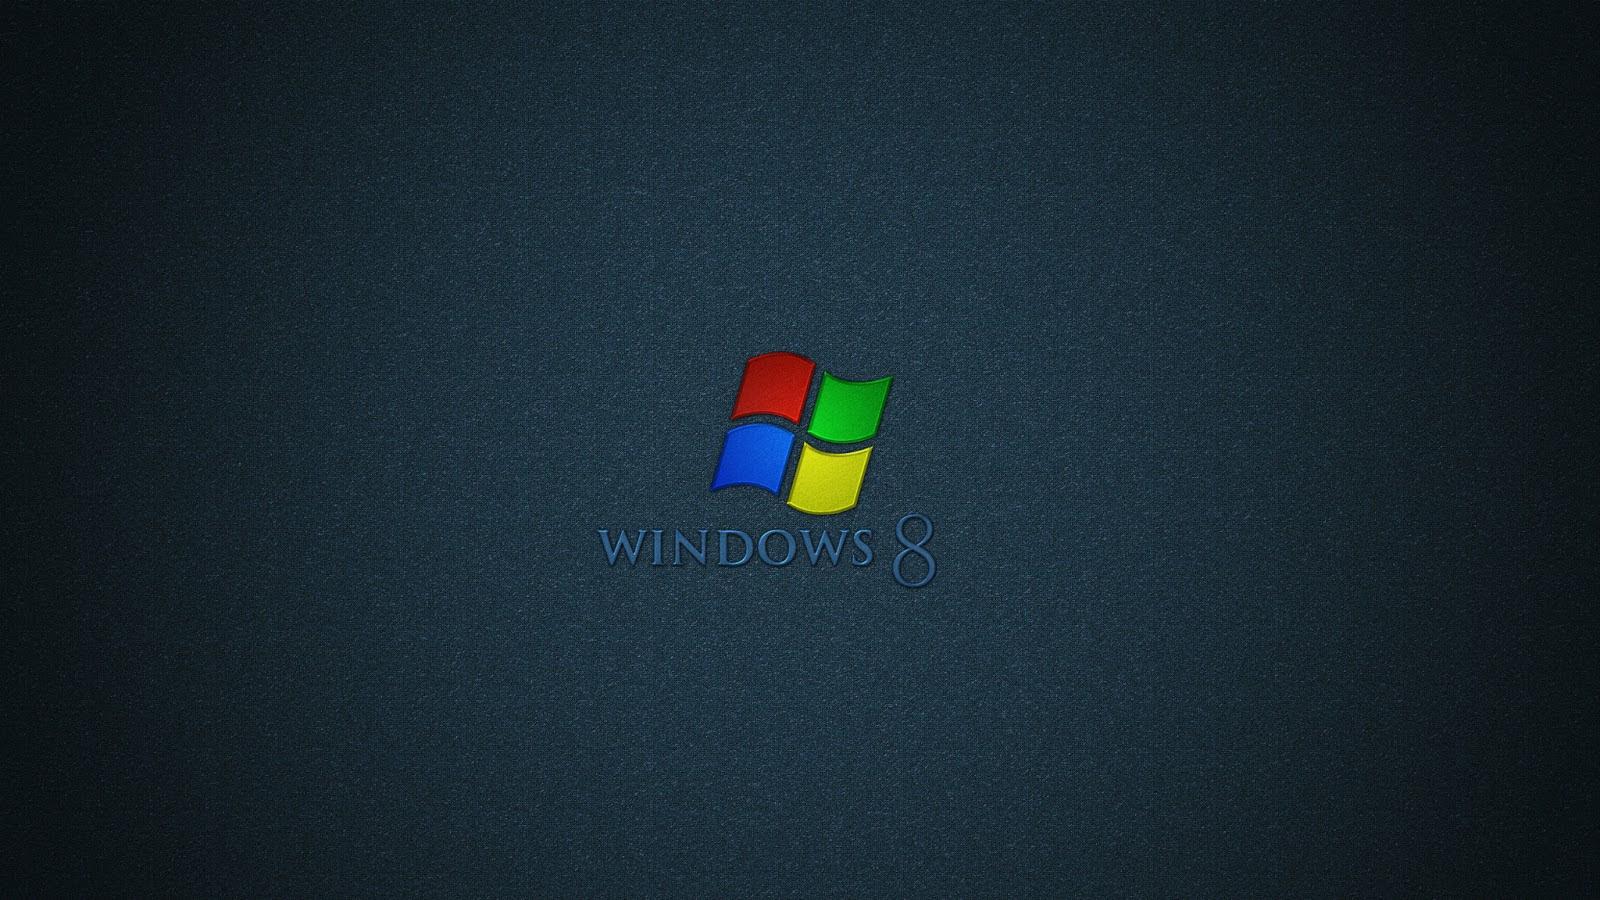 Hp Wallpapers For Windows 7 Wallpapersafari